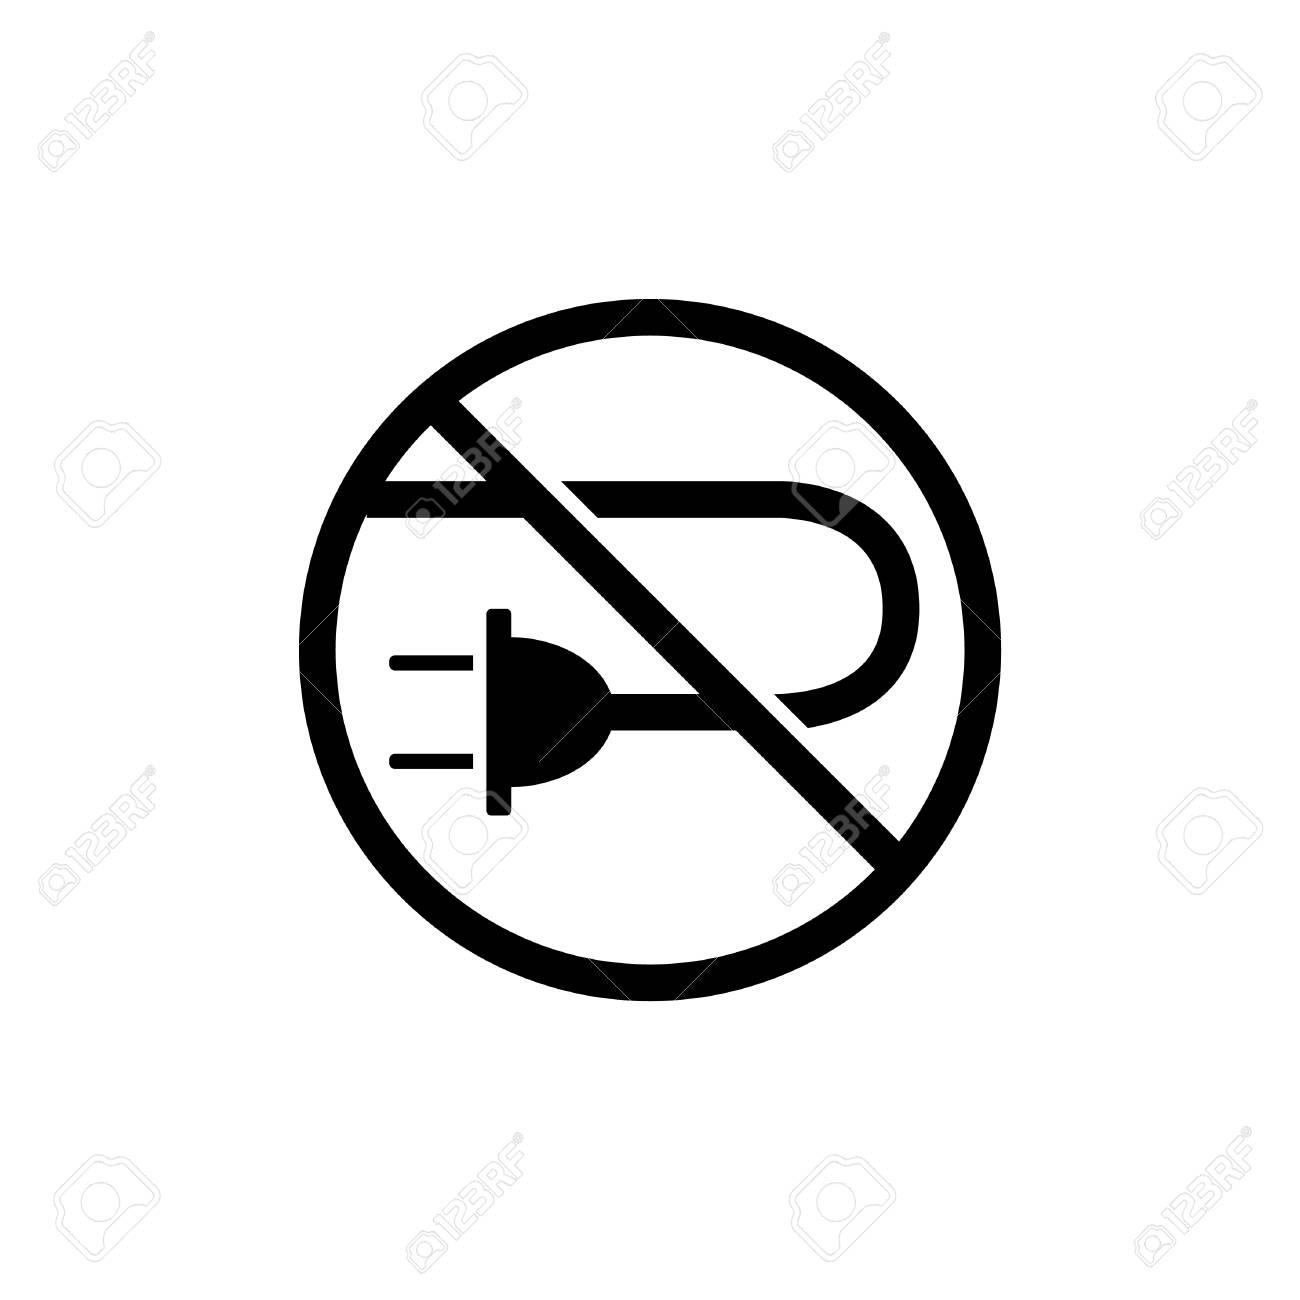 No Cable Icon, No Plug Icon - Vector Illustration. Royalty Free ... for unplug icon  49jwn